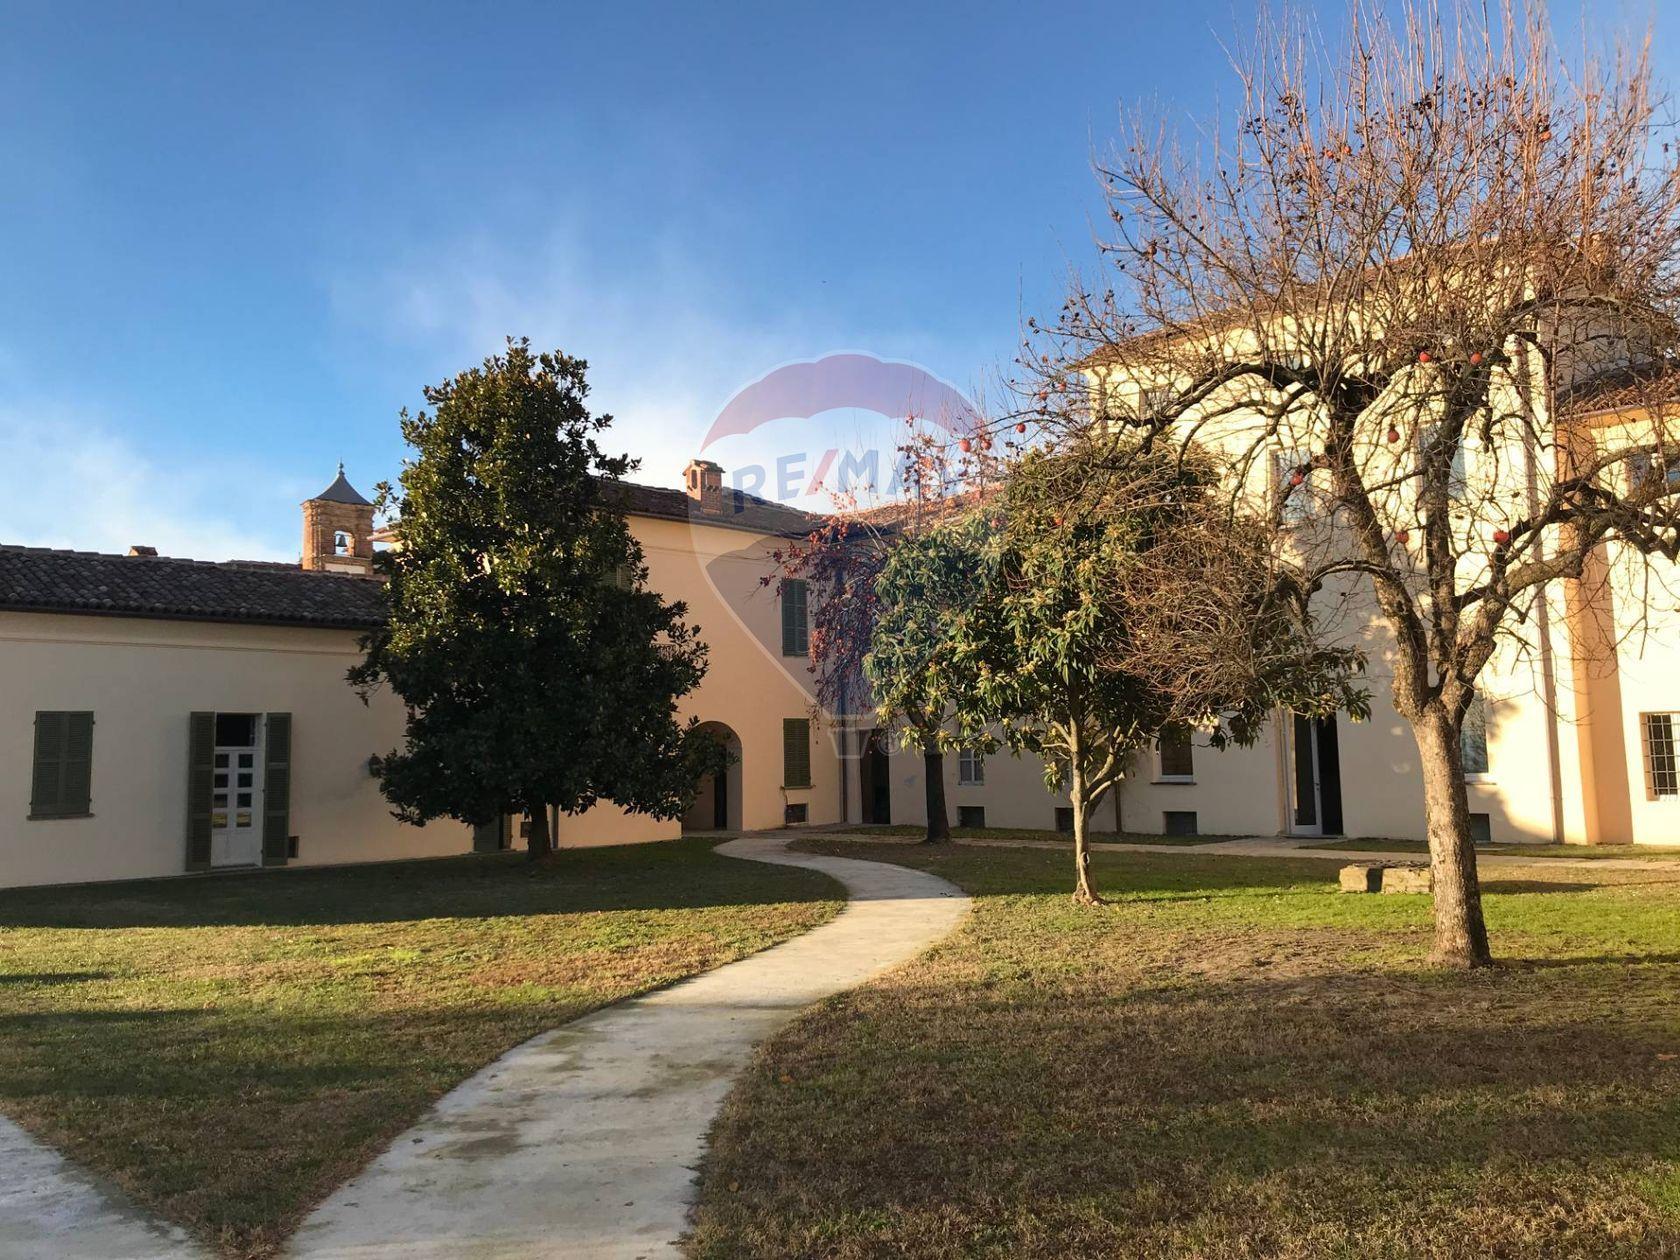 Appartamento Avuglione, Marentino, TO Vendita - Foto 8